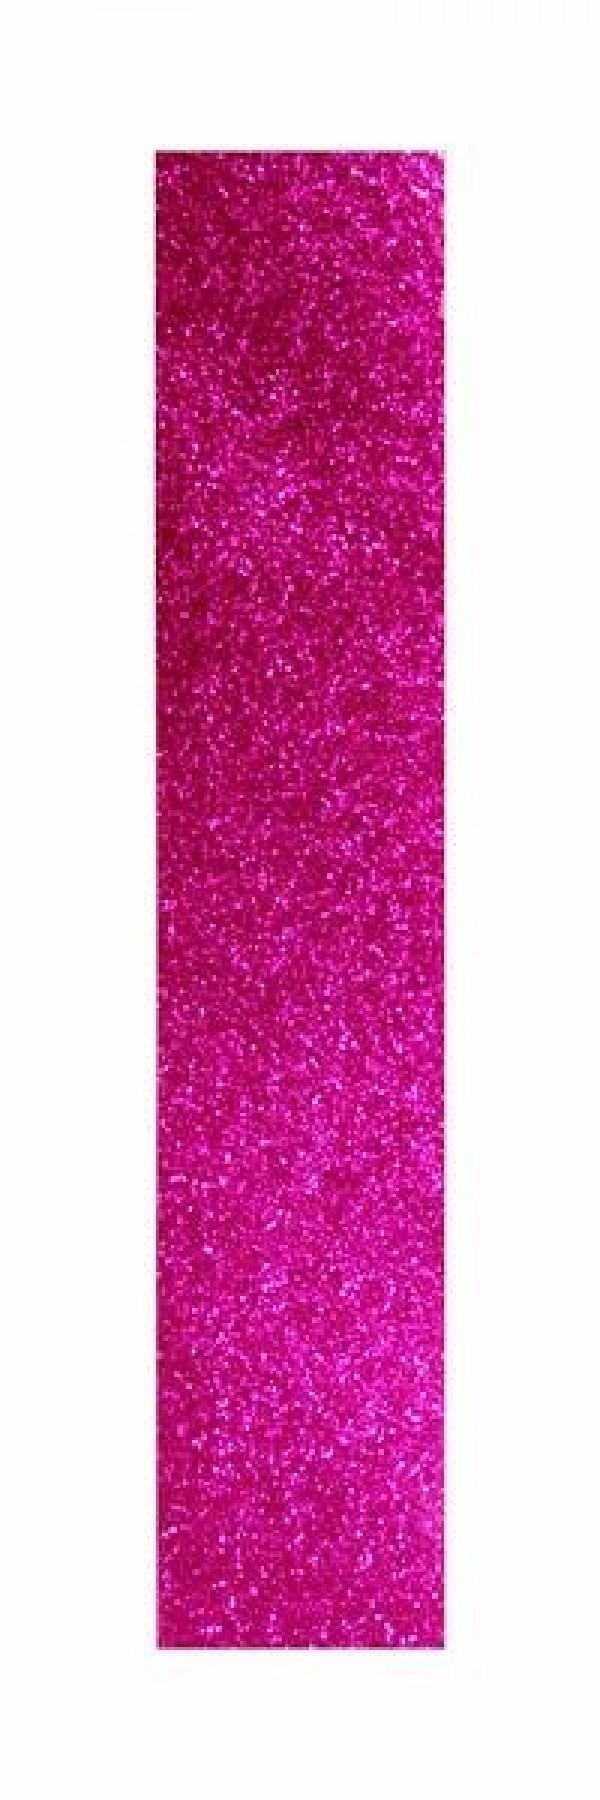 Striscia Adesiva Pastorelli Glitterata Fucsia - 00273